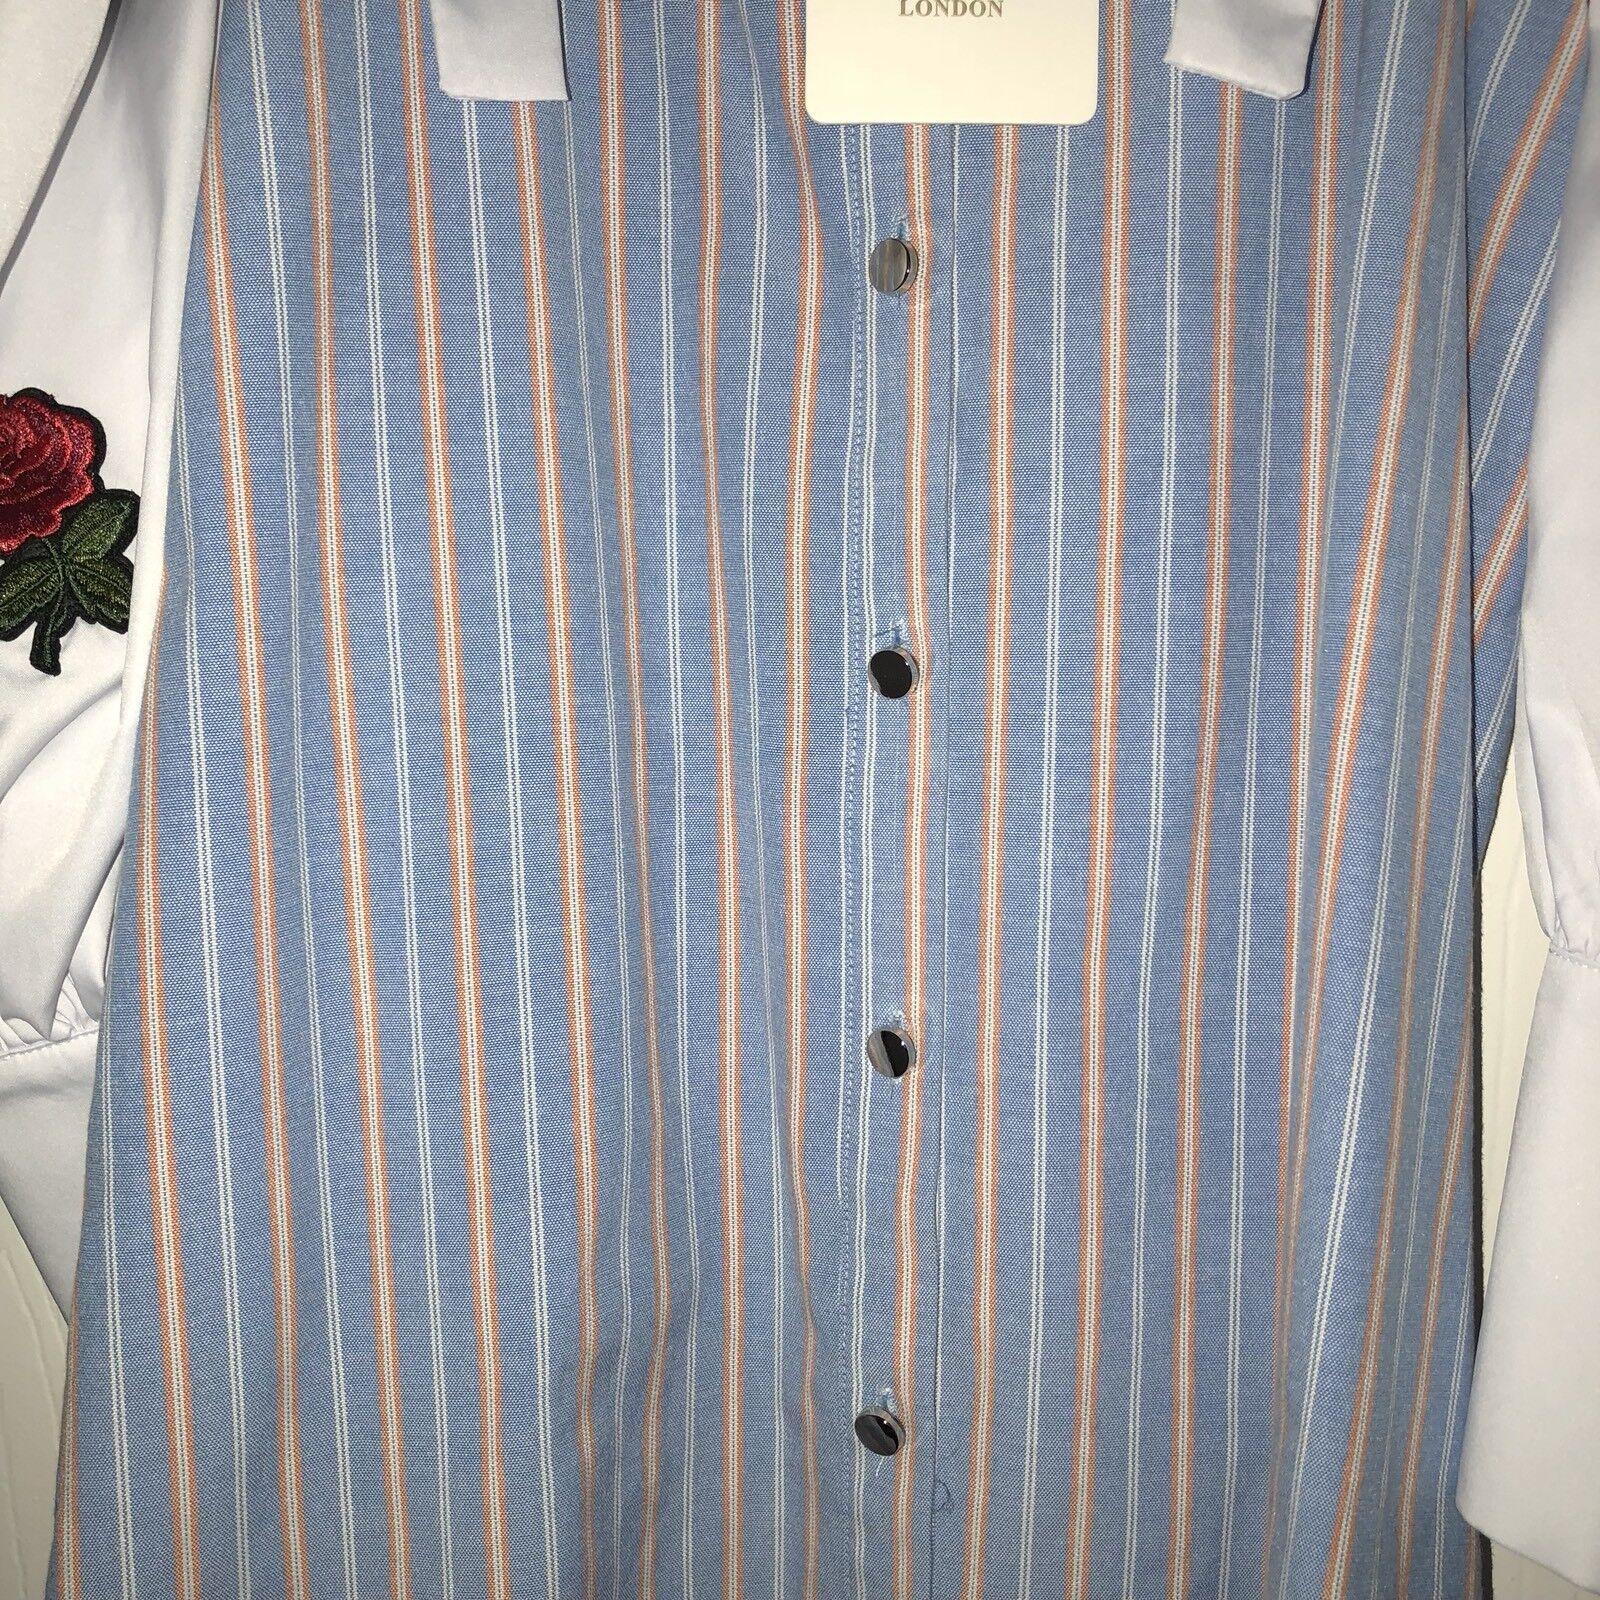 Cici London Topshop rosado Bordado Bordado Bordado una línea vestido 73a89c